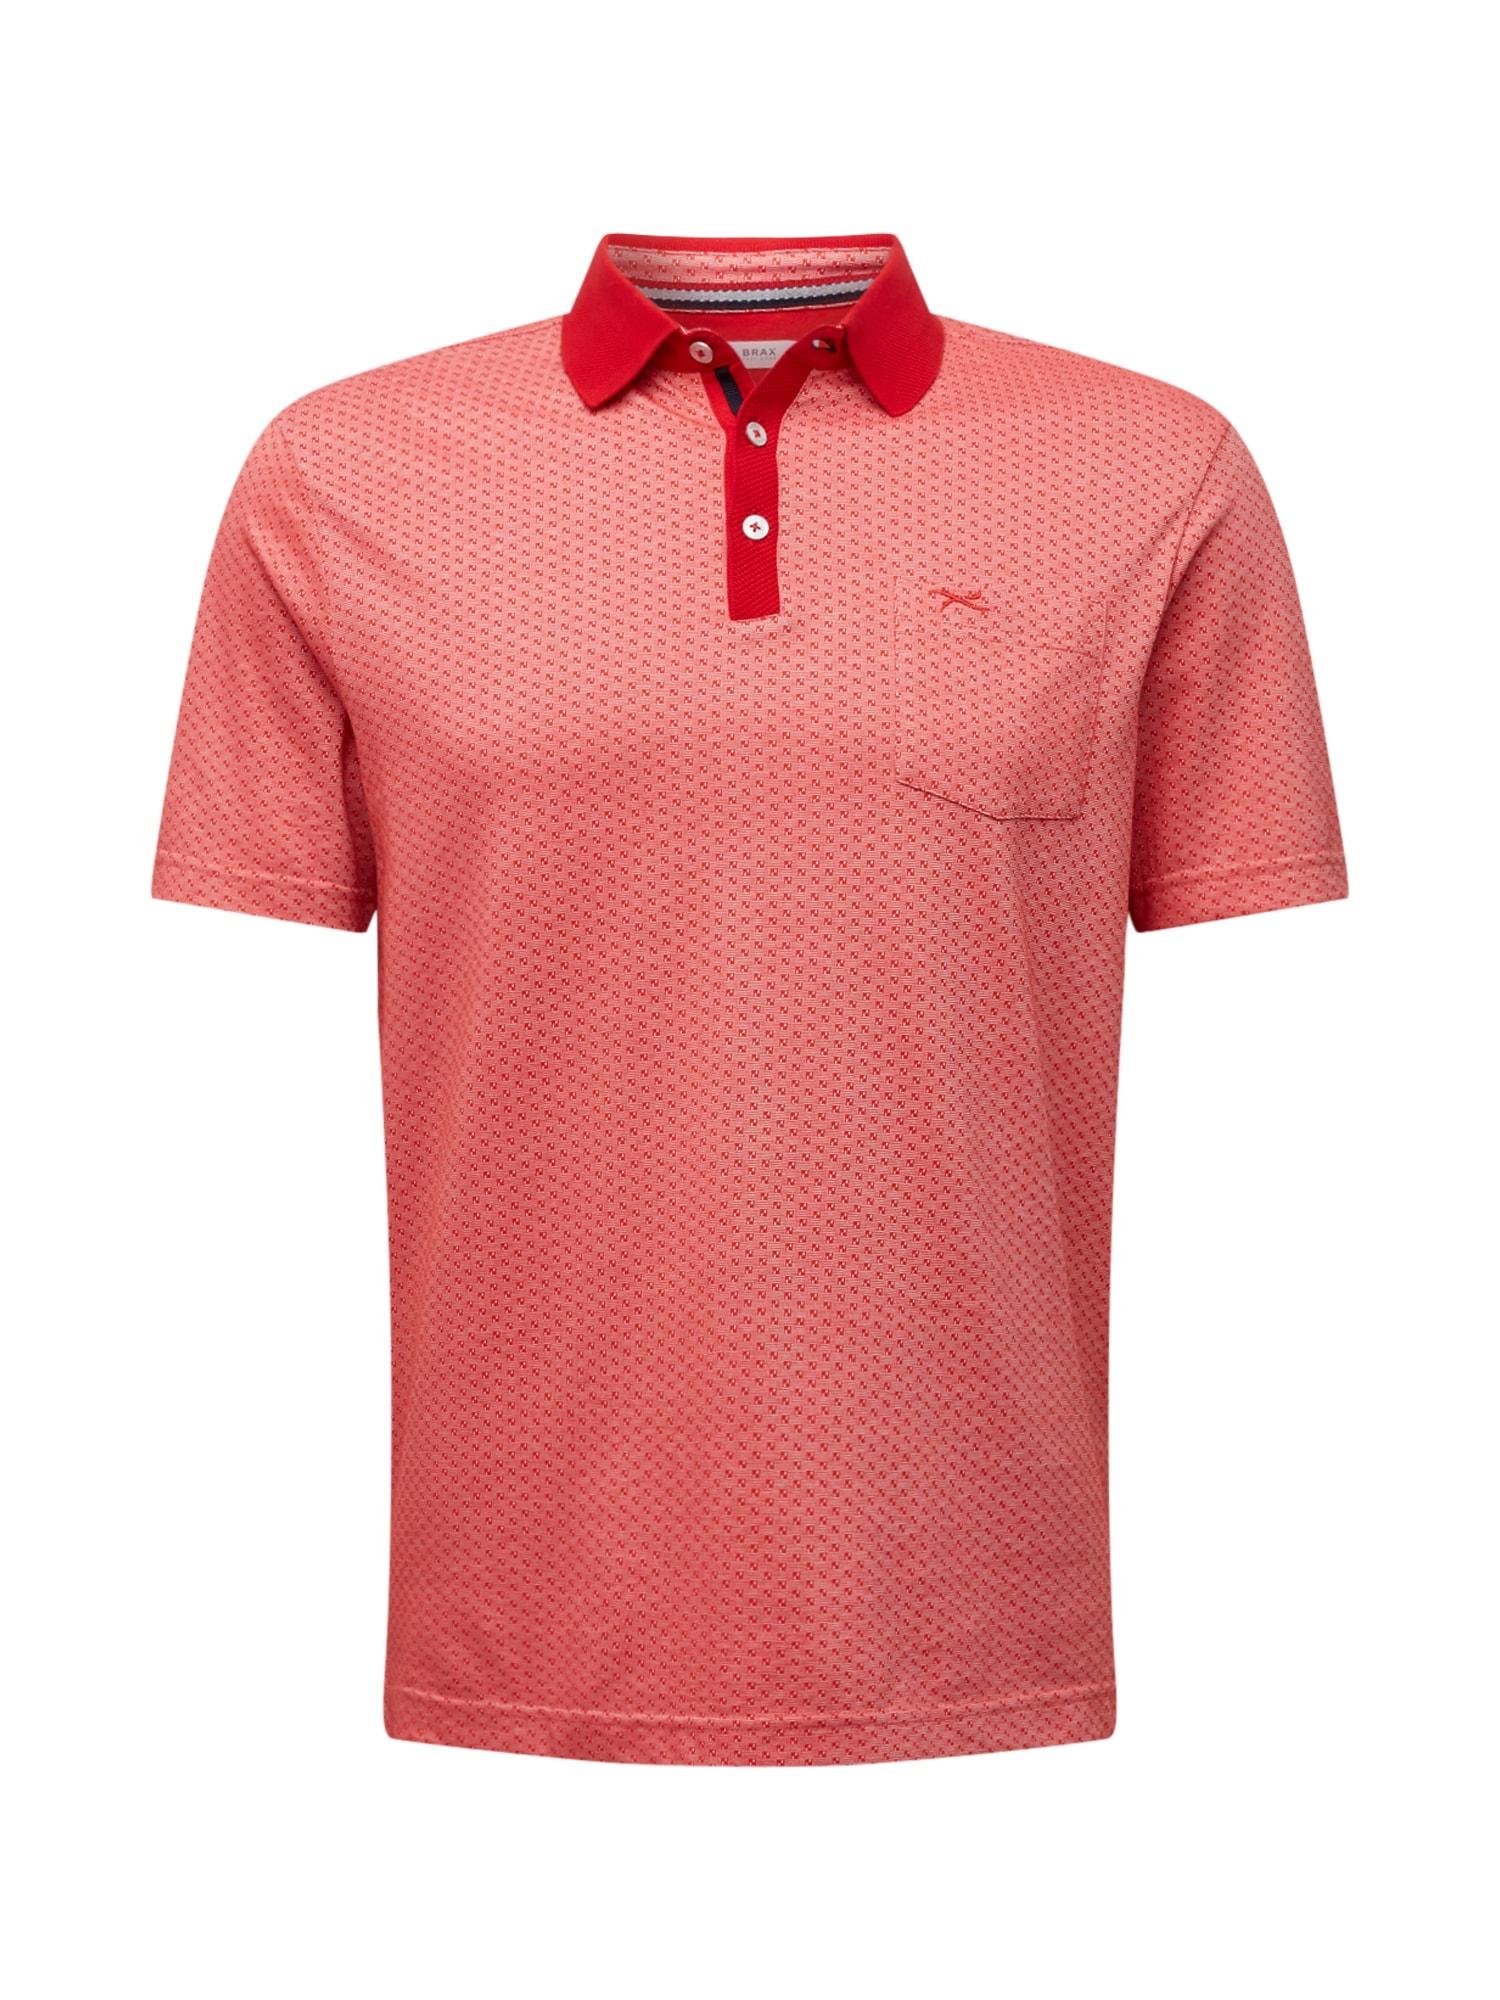 BRAX Marškinėliai raudona